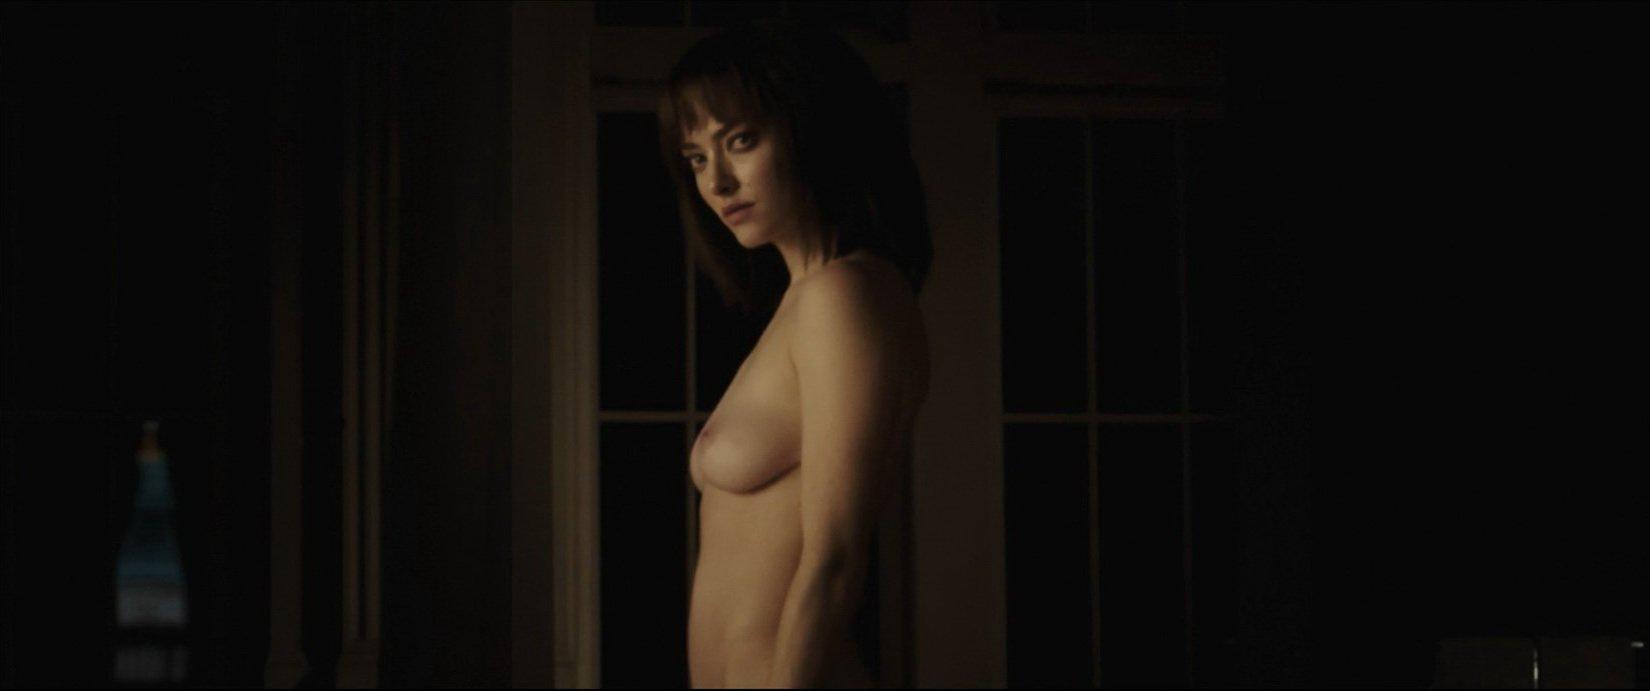 Girl lovelace movie nude scene